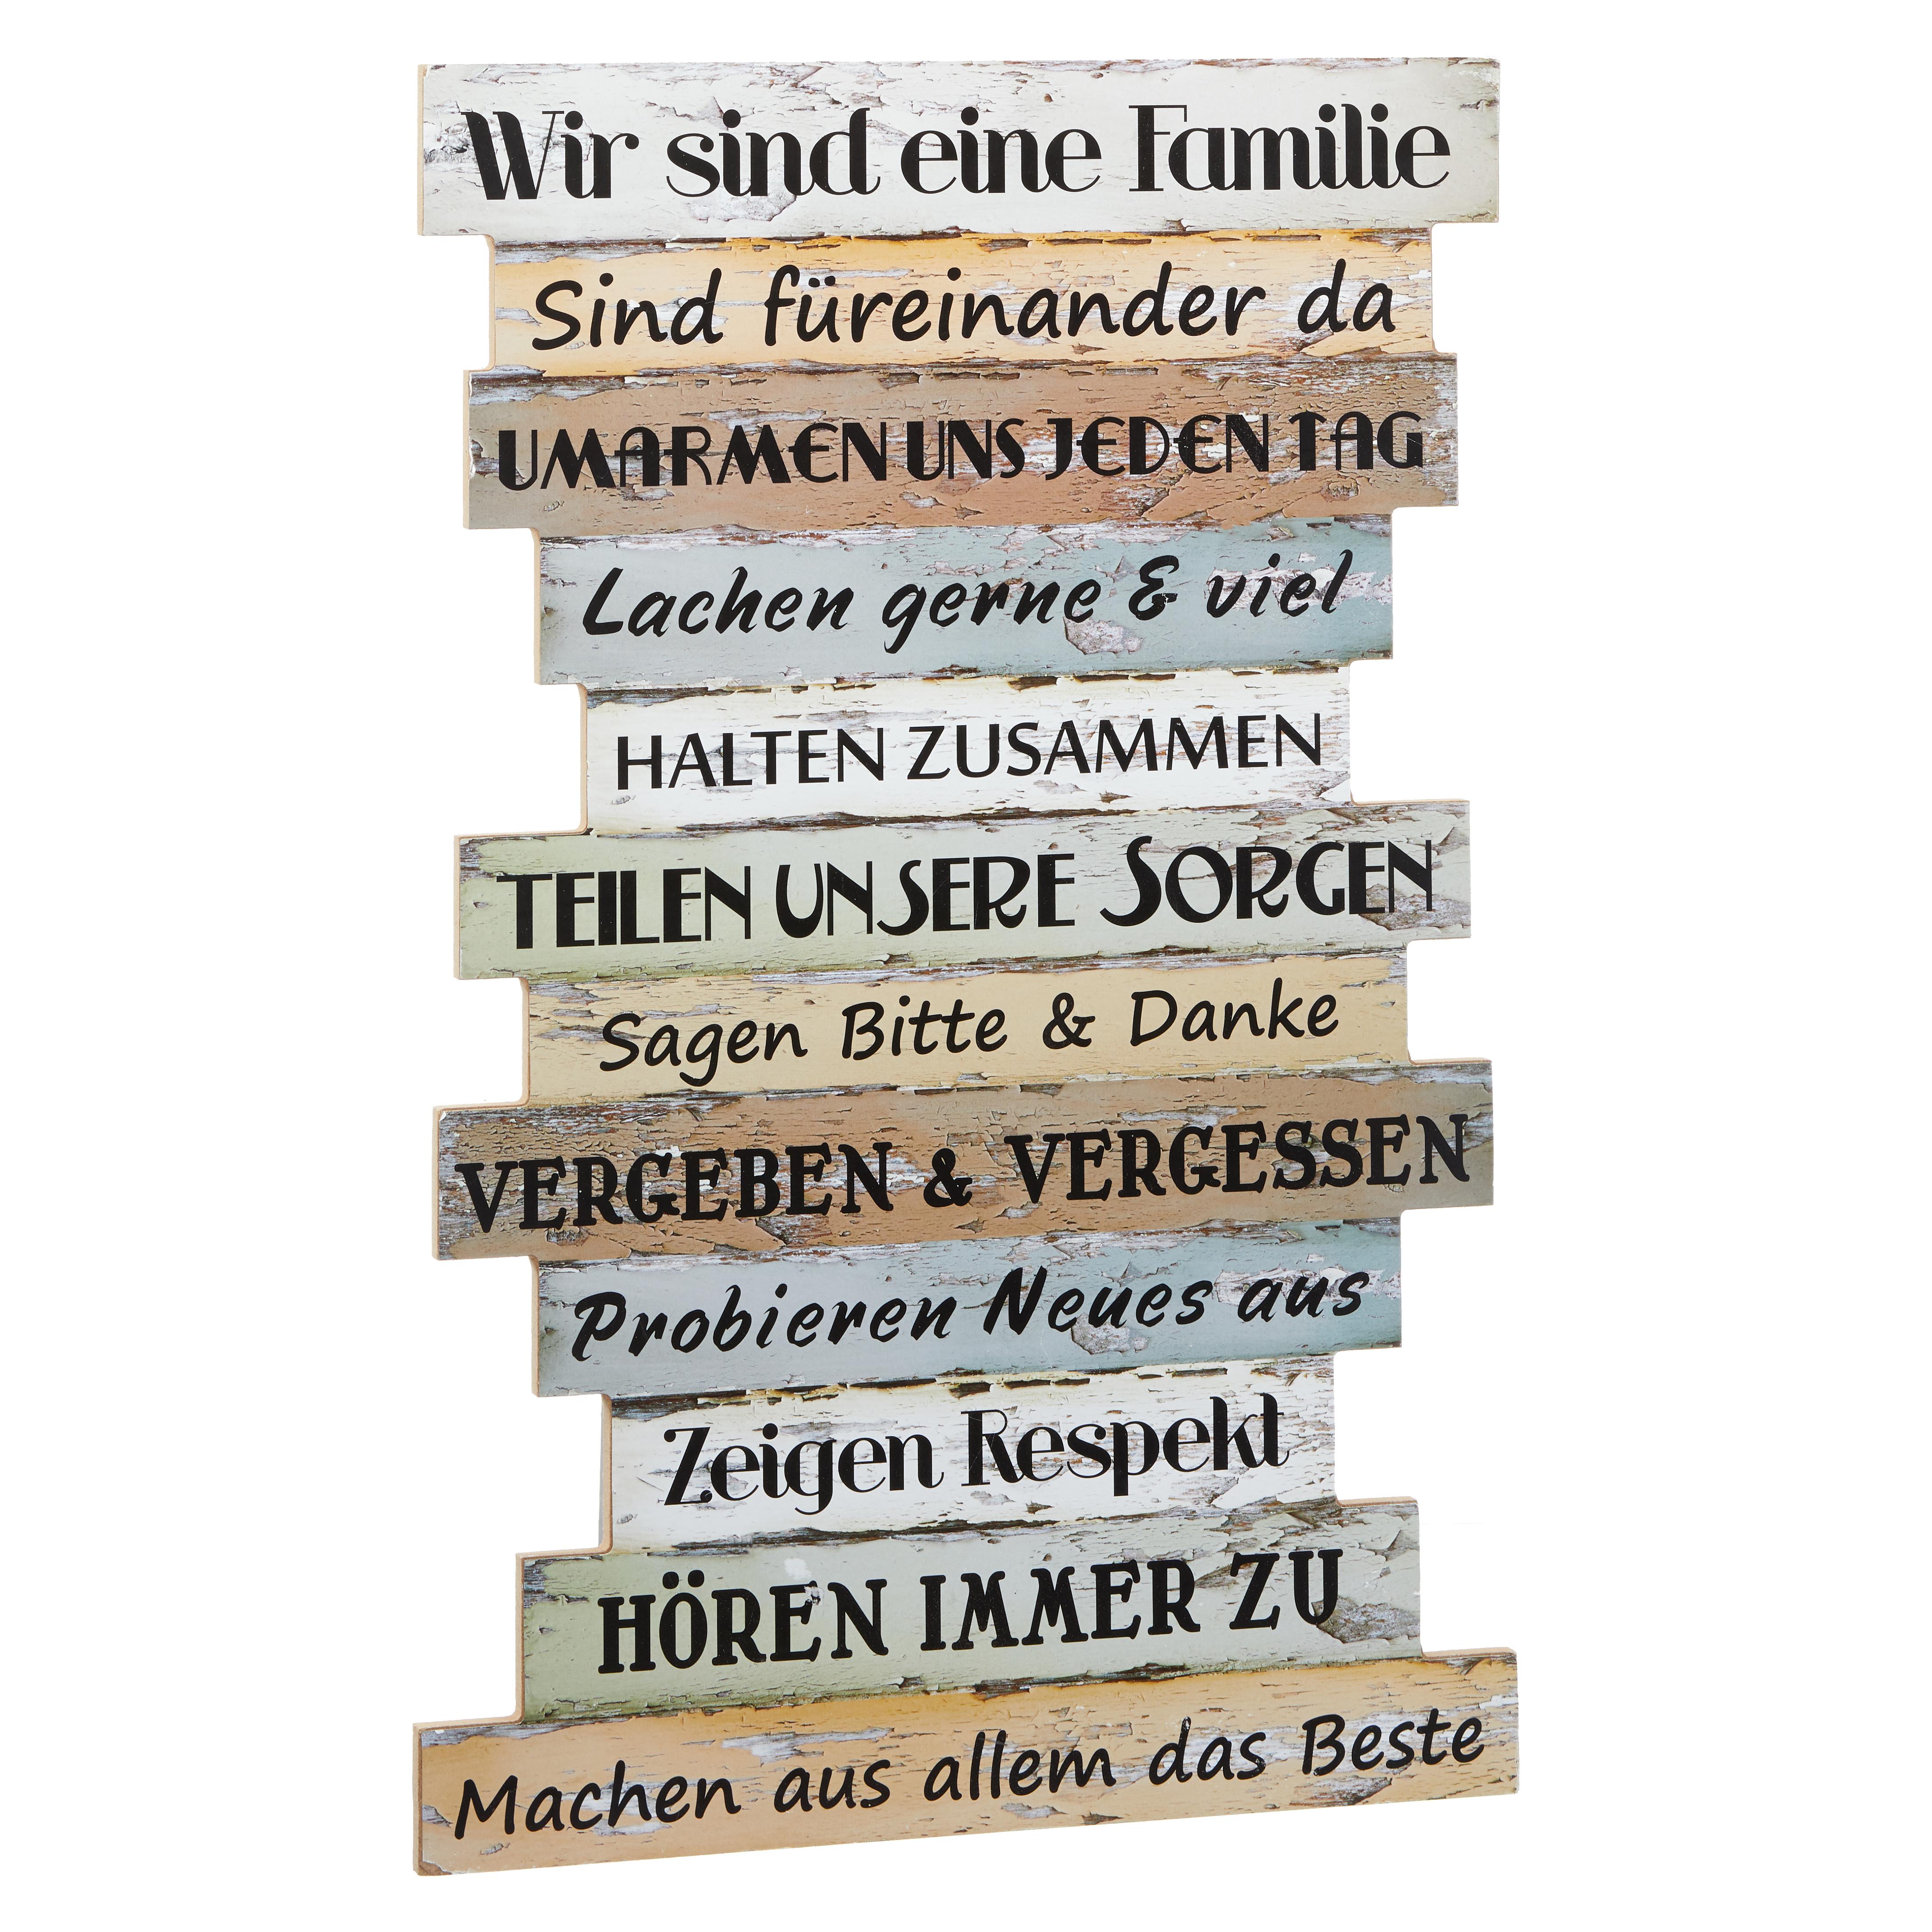 FAMILIENREGELN Planken-Schild